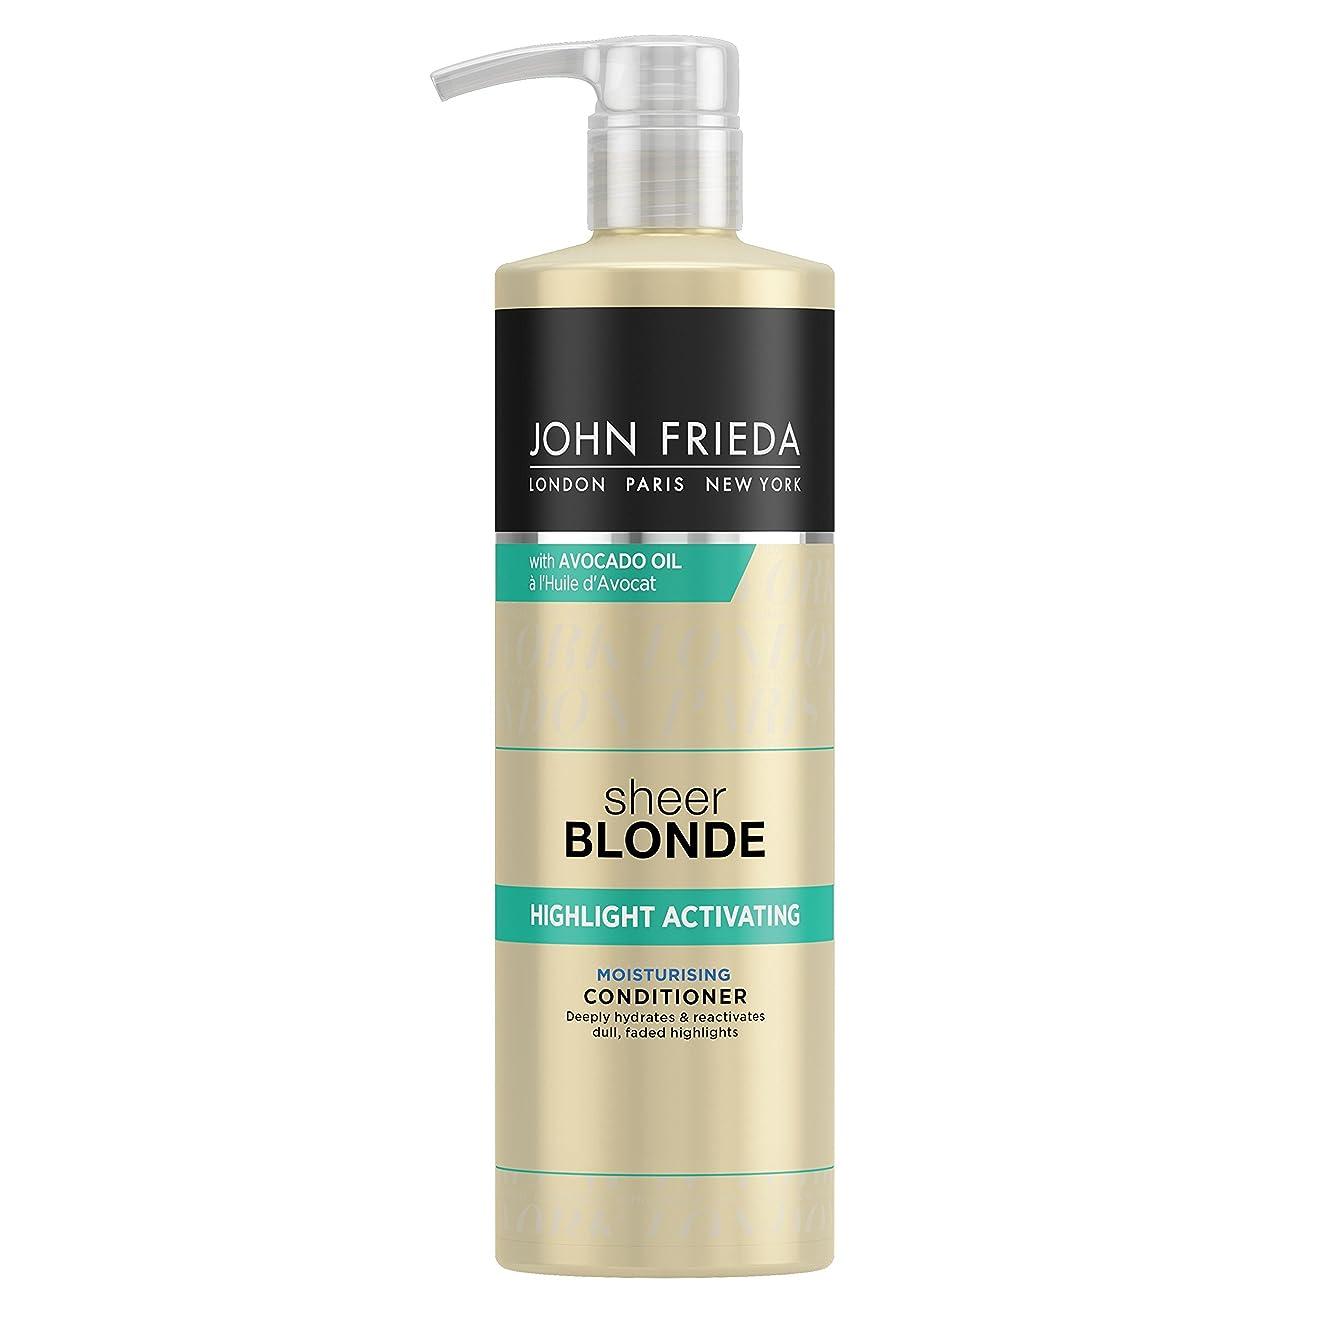 実質的見込みカカドゥJohn Frieda Sheer Blonde Highlight Activating Moisturising Conditioner for Lighter Shades 500ml